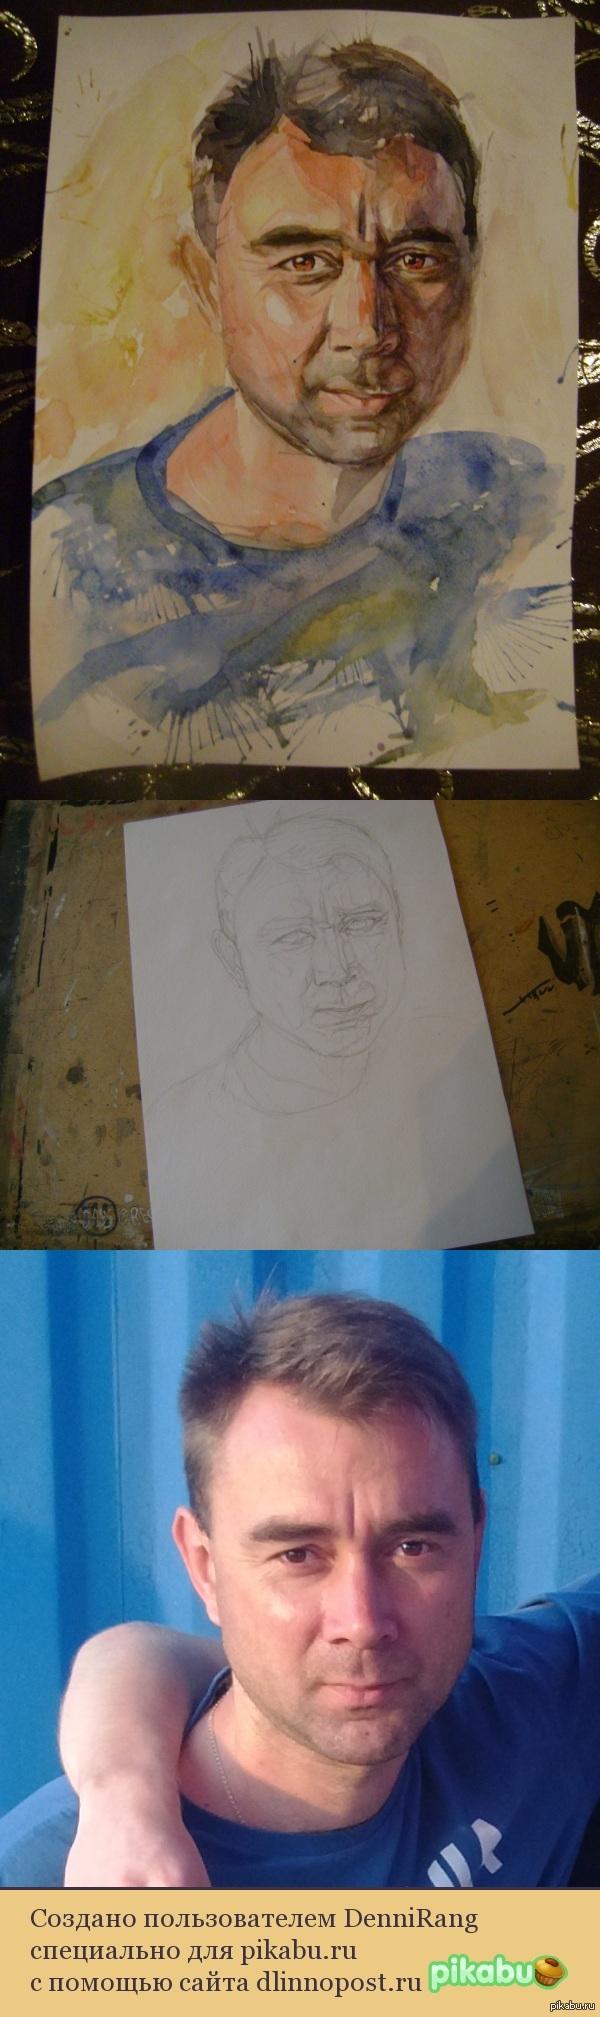 Попробовал нарисовать портрет акварелью) Не судите строго :) Прокомментируйте, пожалуйста, это мой второй портрет акварелью. Посоветуйте что-нибудь)